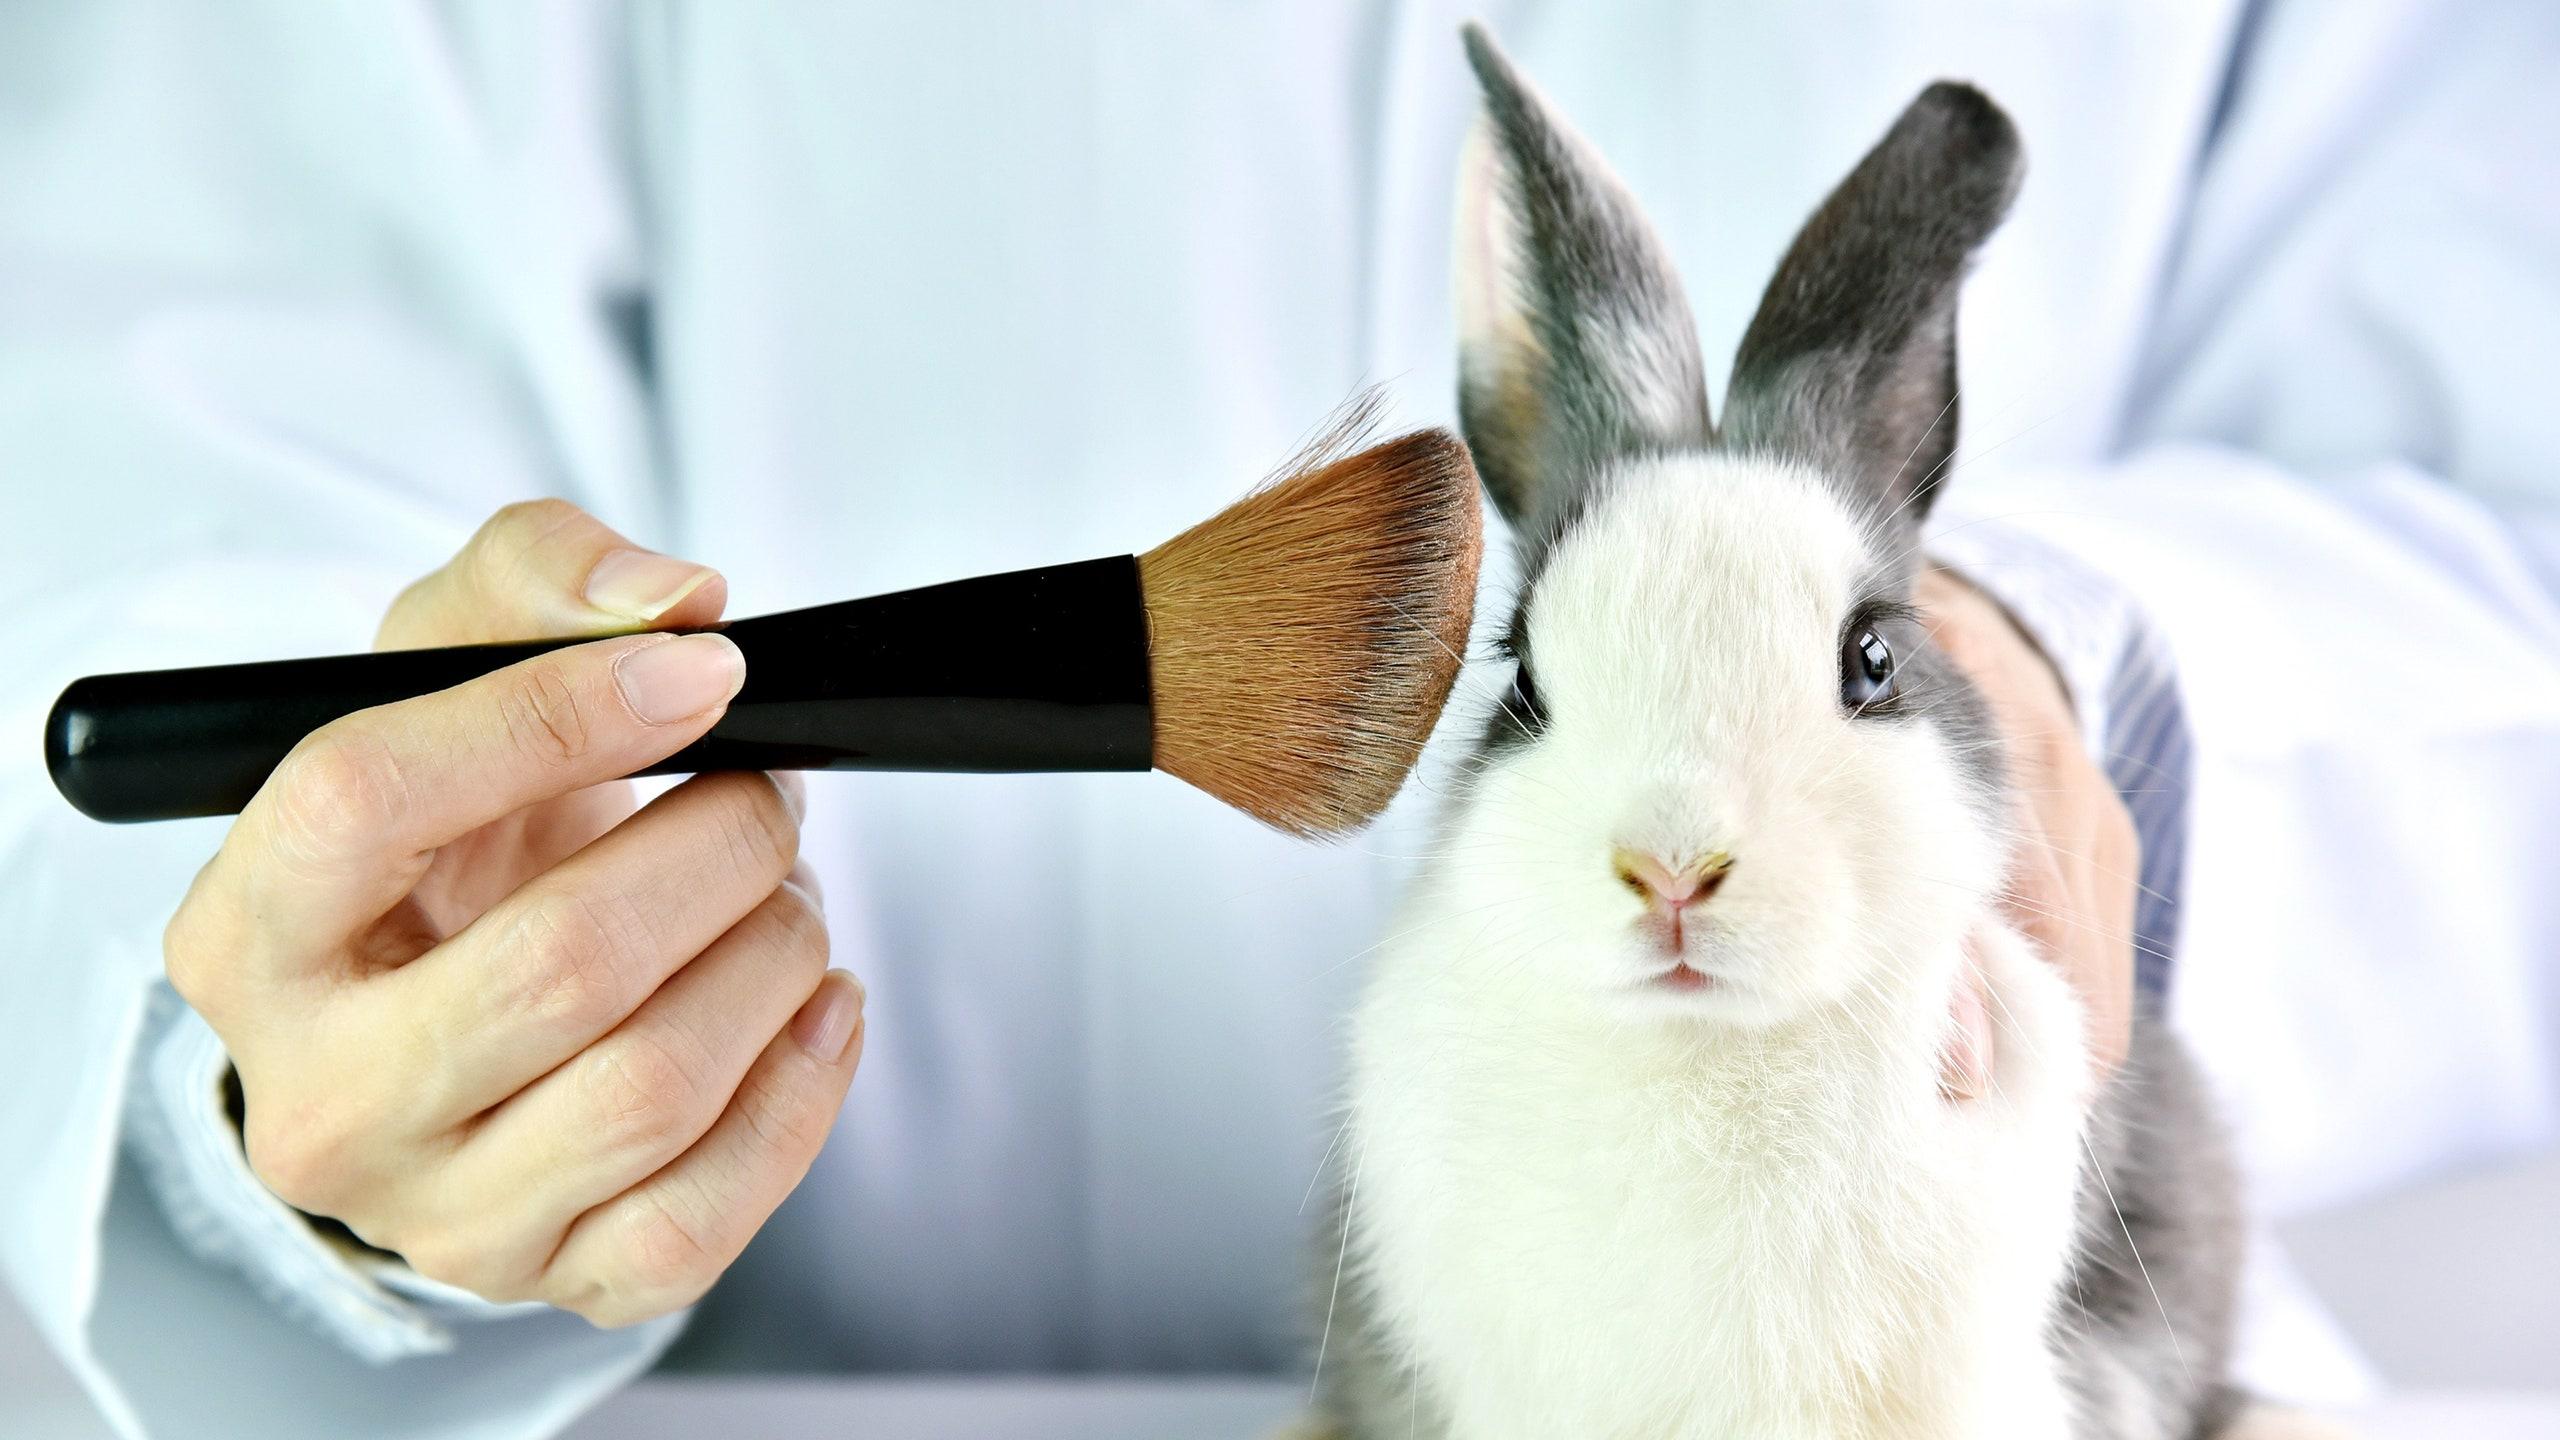 ¿Cómo saber si tus marcas favoritas de cosméticos son animal cruelty-free?